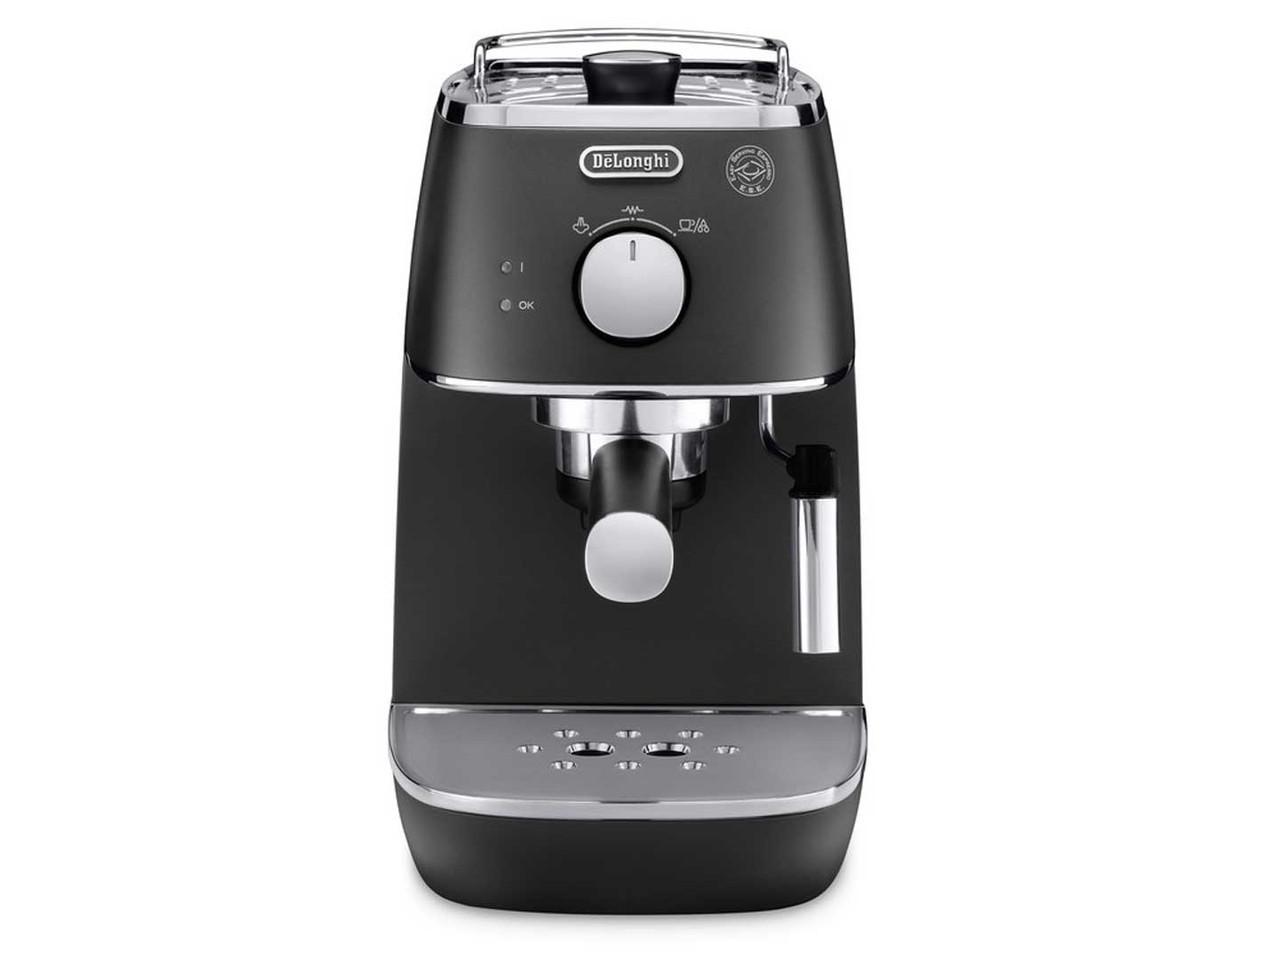 Ріжкова кавоварка DeLonghi ECI 341.BK